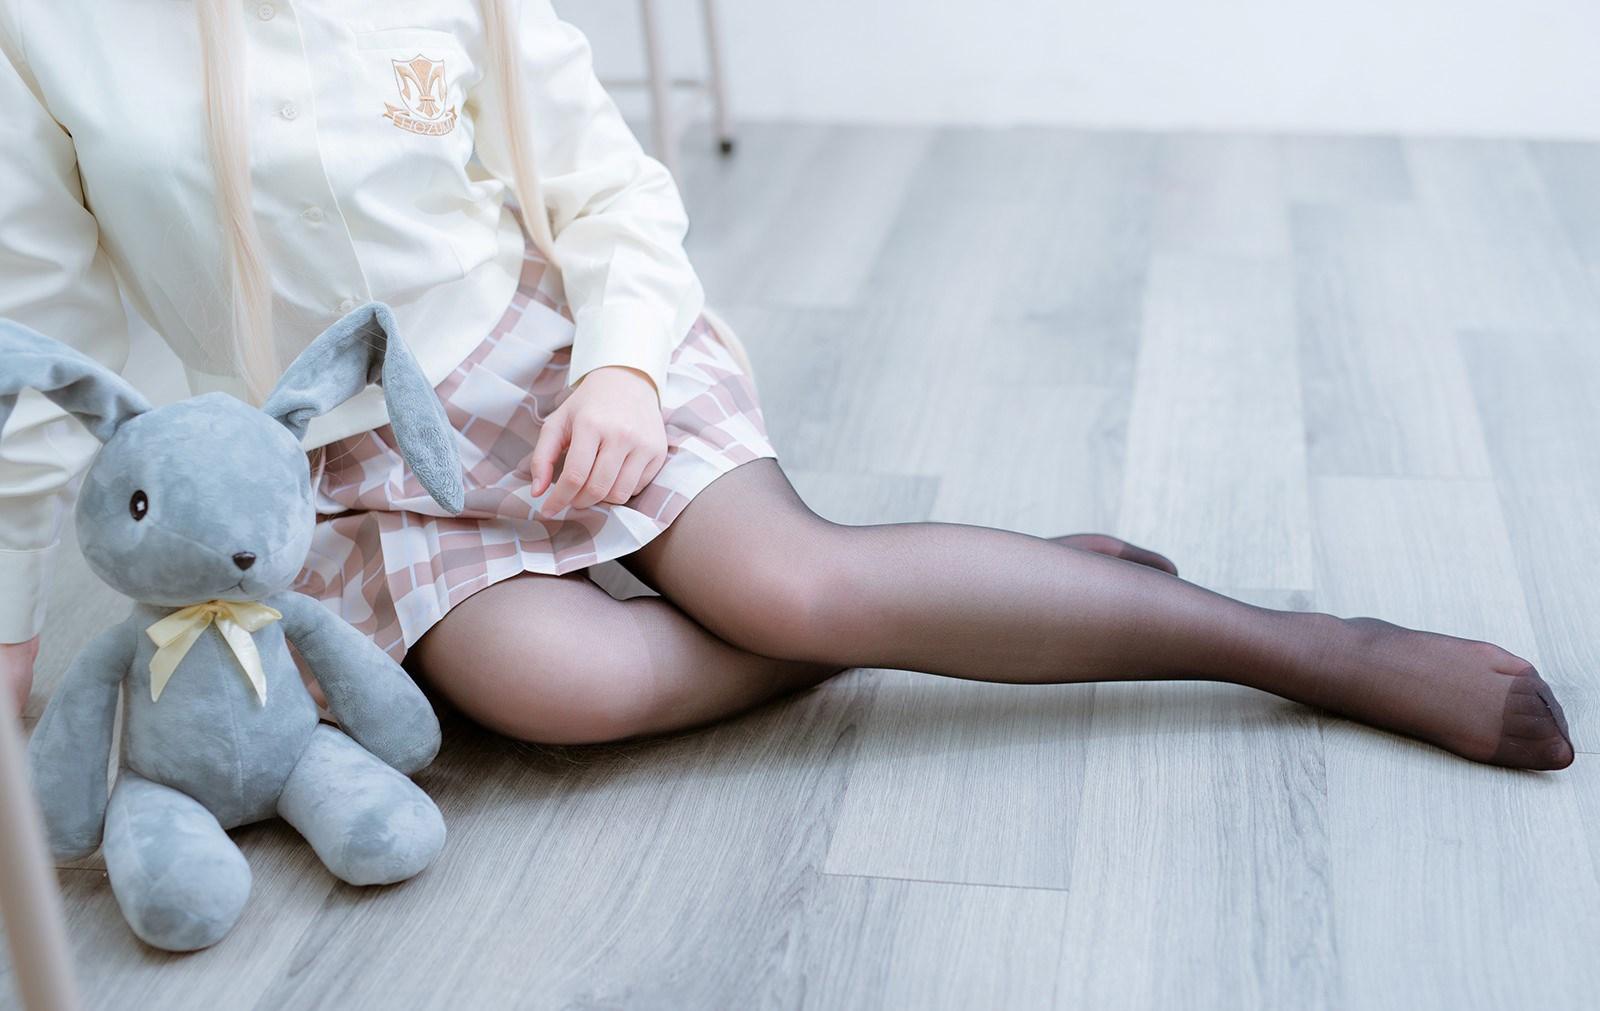 【兔玩映画】腿控福利 兔玩映画 第39张